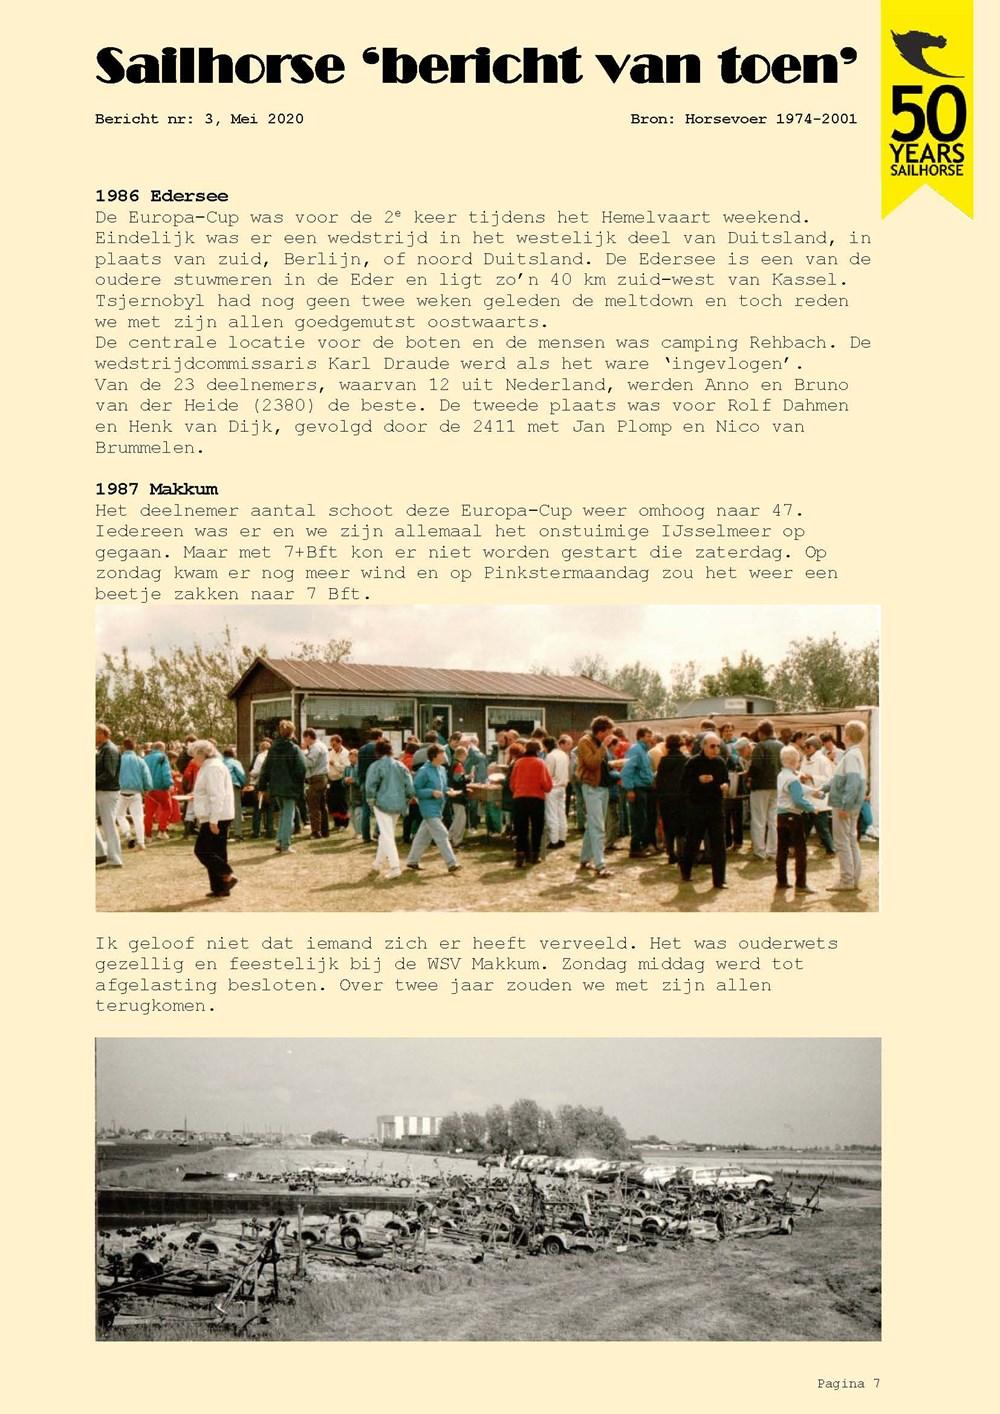 Bericht_van_toen_3_Mei_def_Page_07.jpg